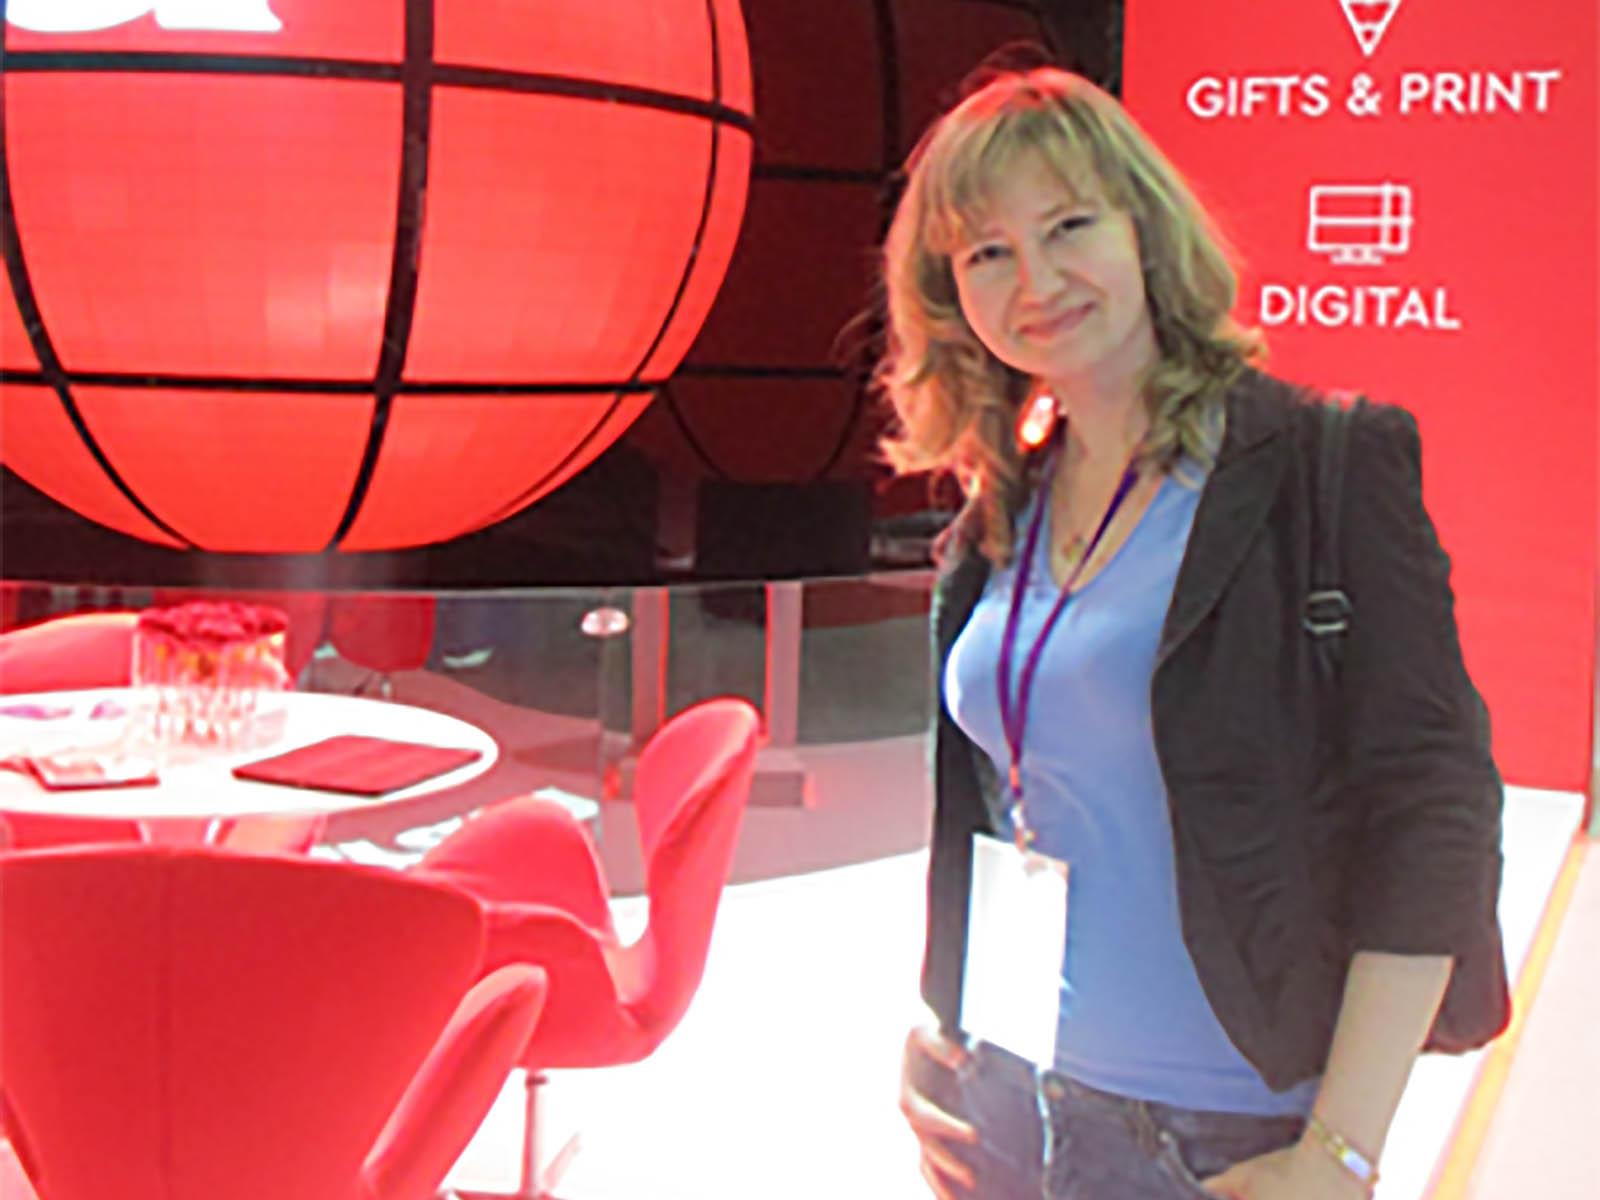 Мария Кокухина  – директор компании PROF-MK. Опыт в юзабилити, интернет-маркетинге и увеличении продаж - 13 лет